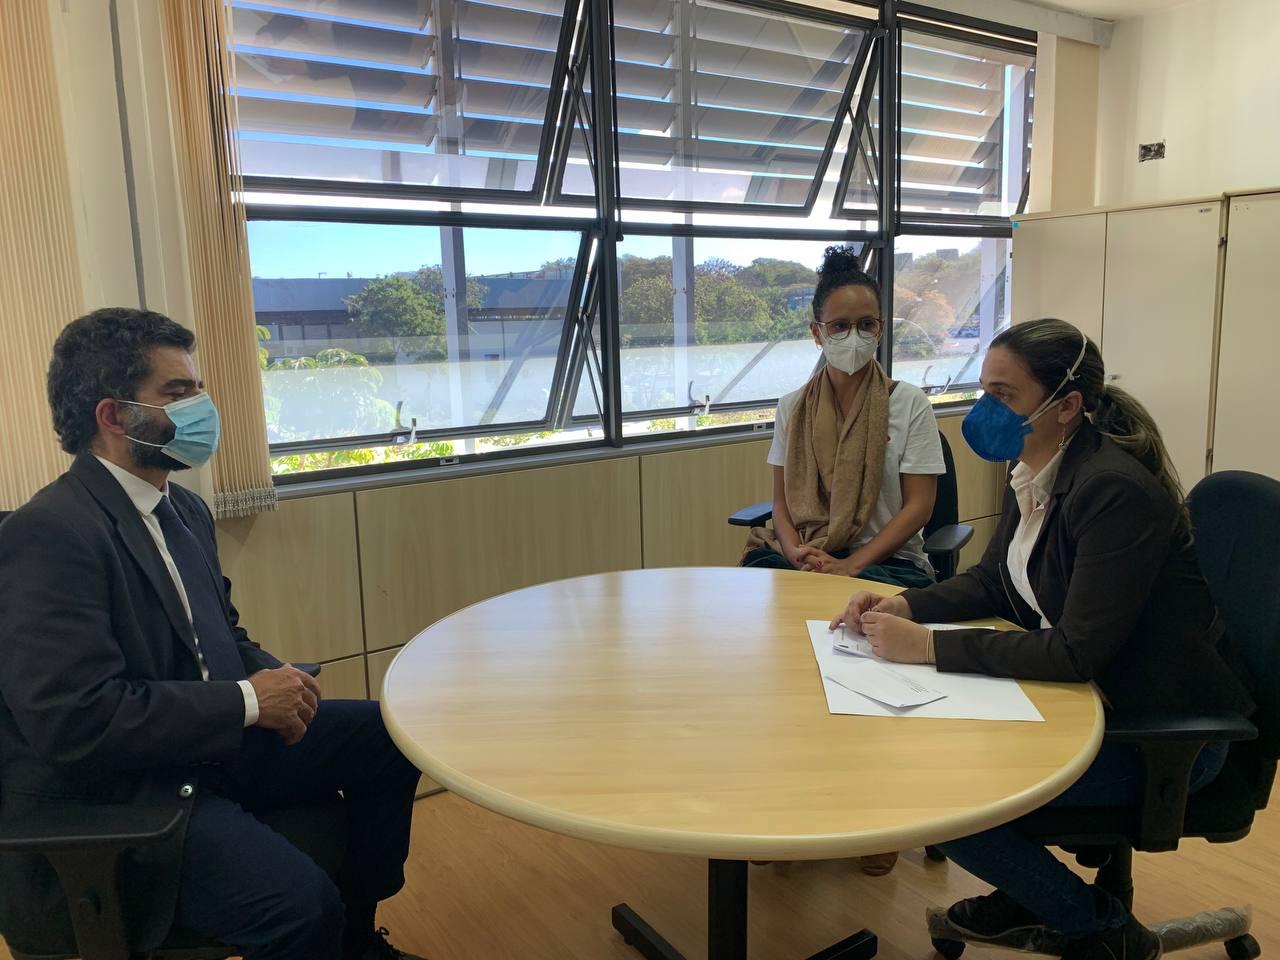 Deputada Fernanda Melchionna entrega ao MPF dossiê sobre retrocessos ambientais no governo Bolsonaro